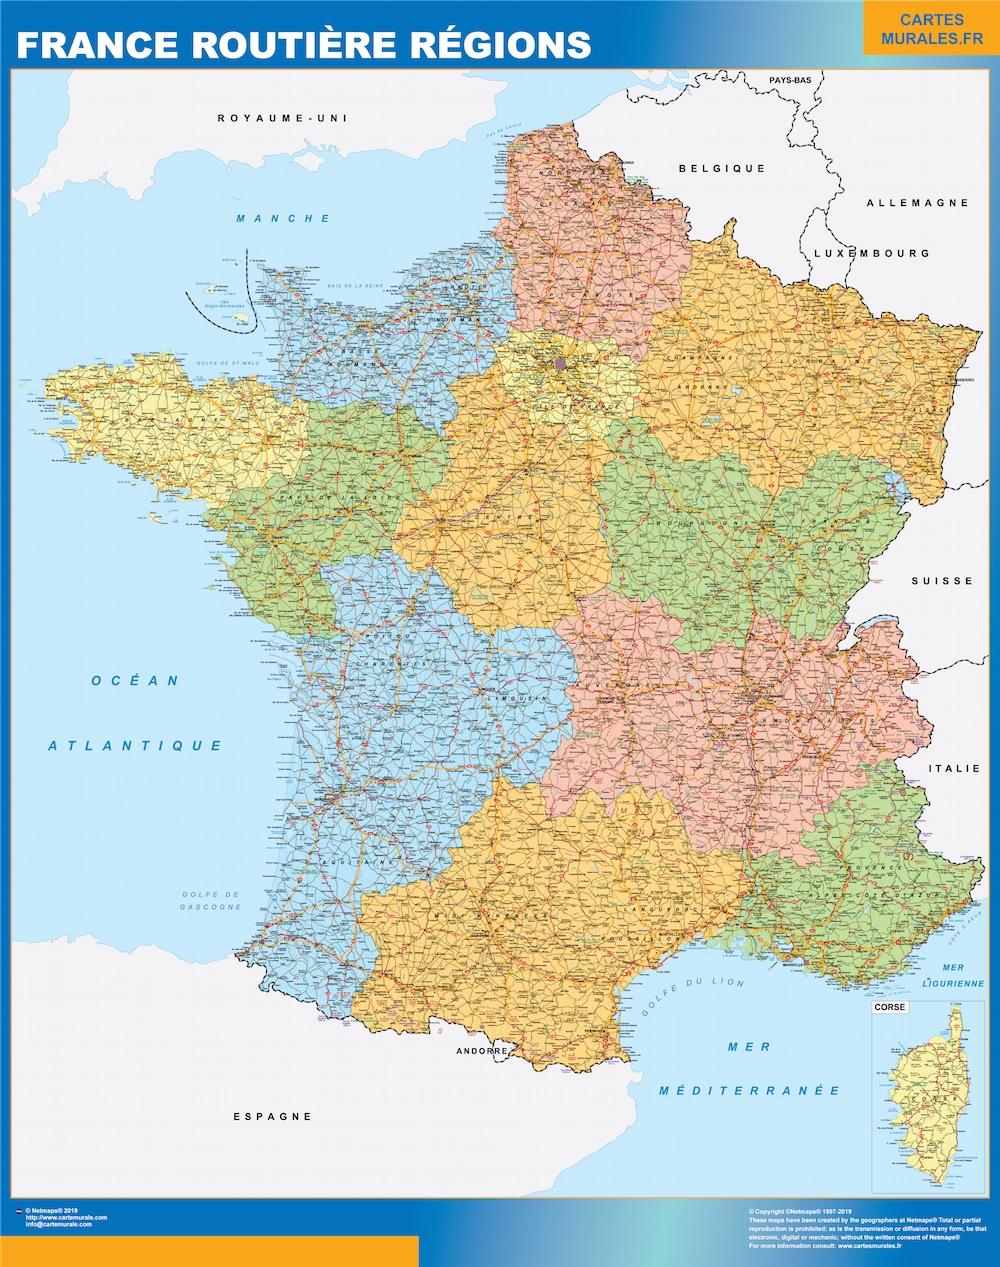 Carte Routiere De France 2019.Carte France Plastifiee Routiere Regions